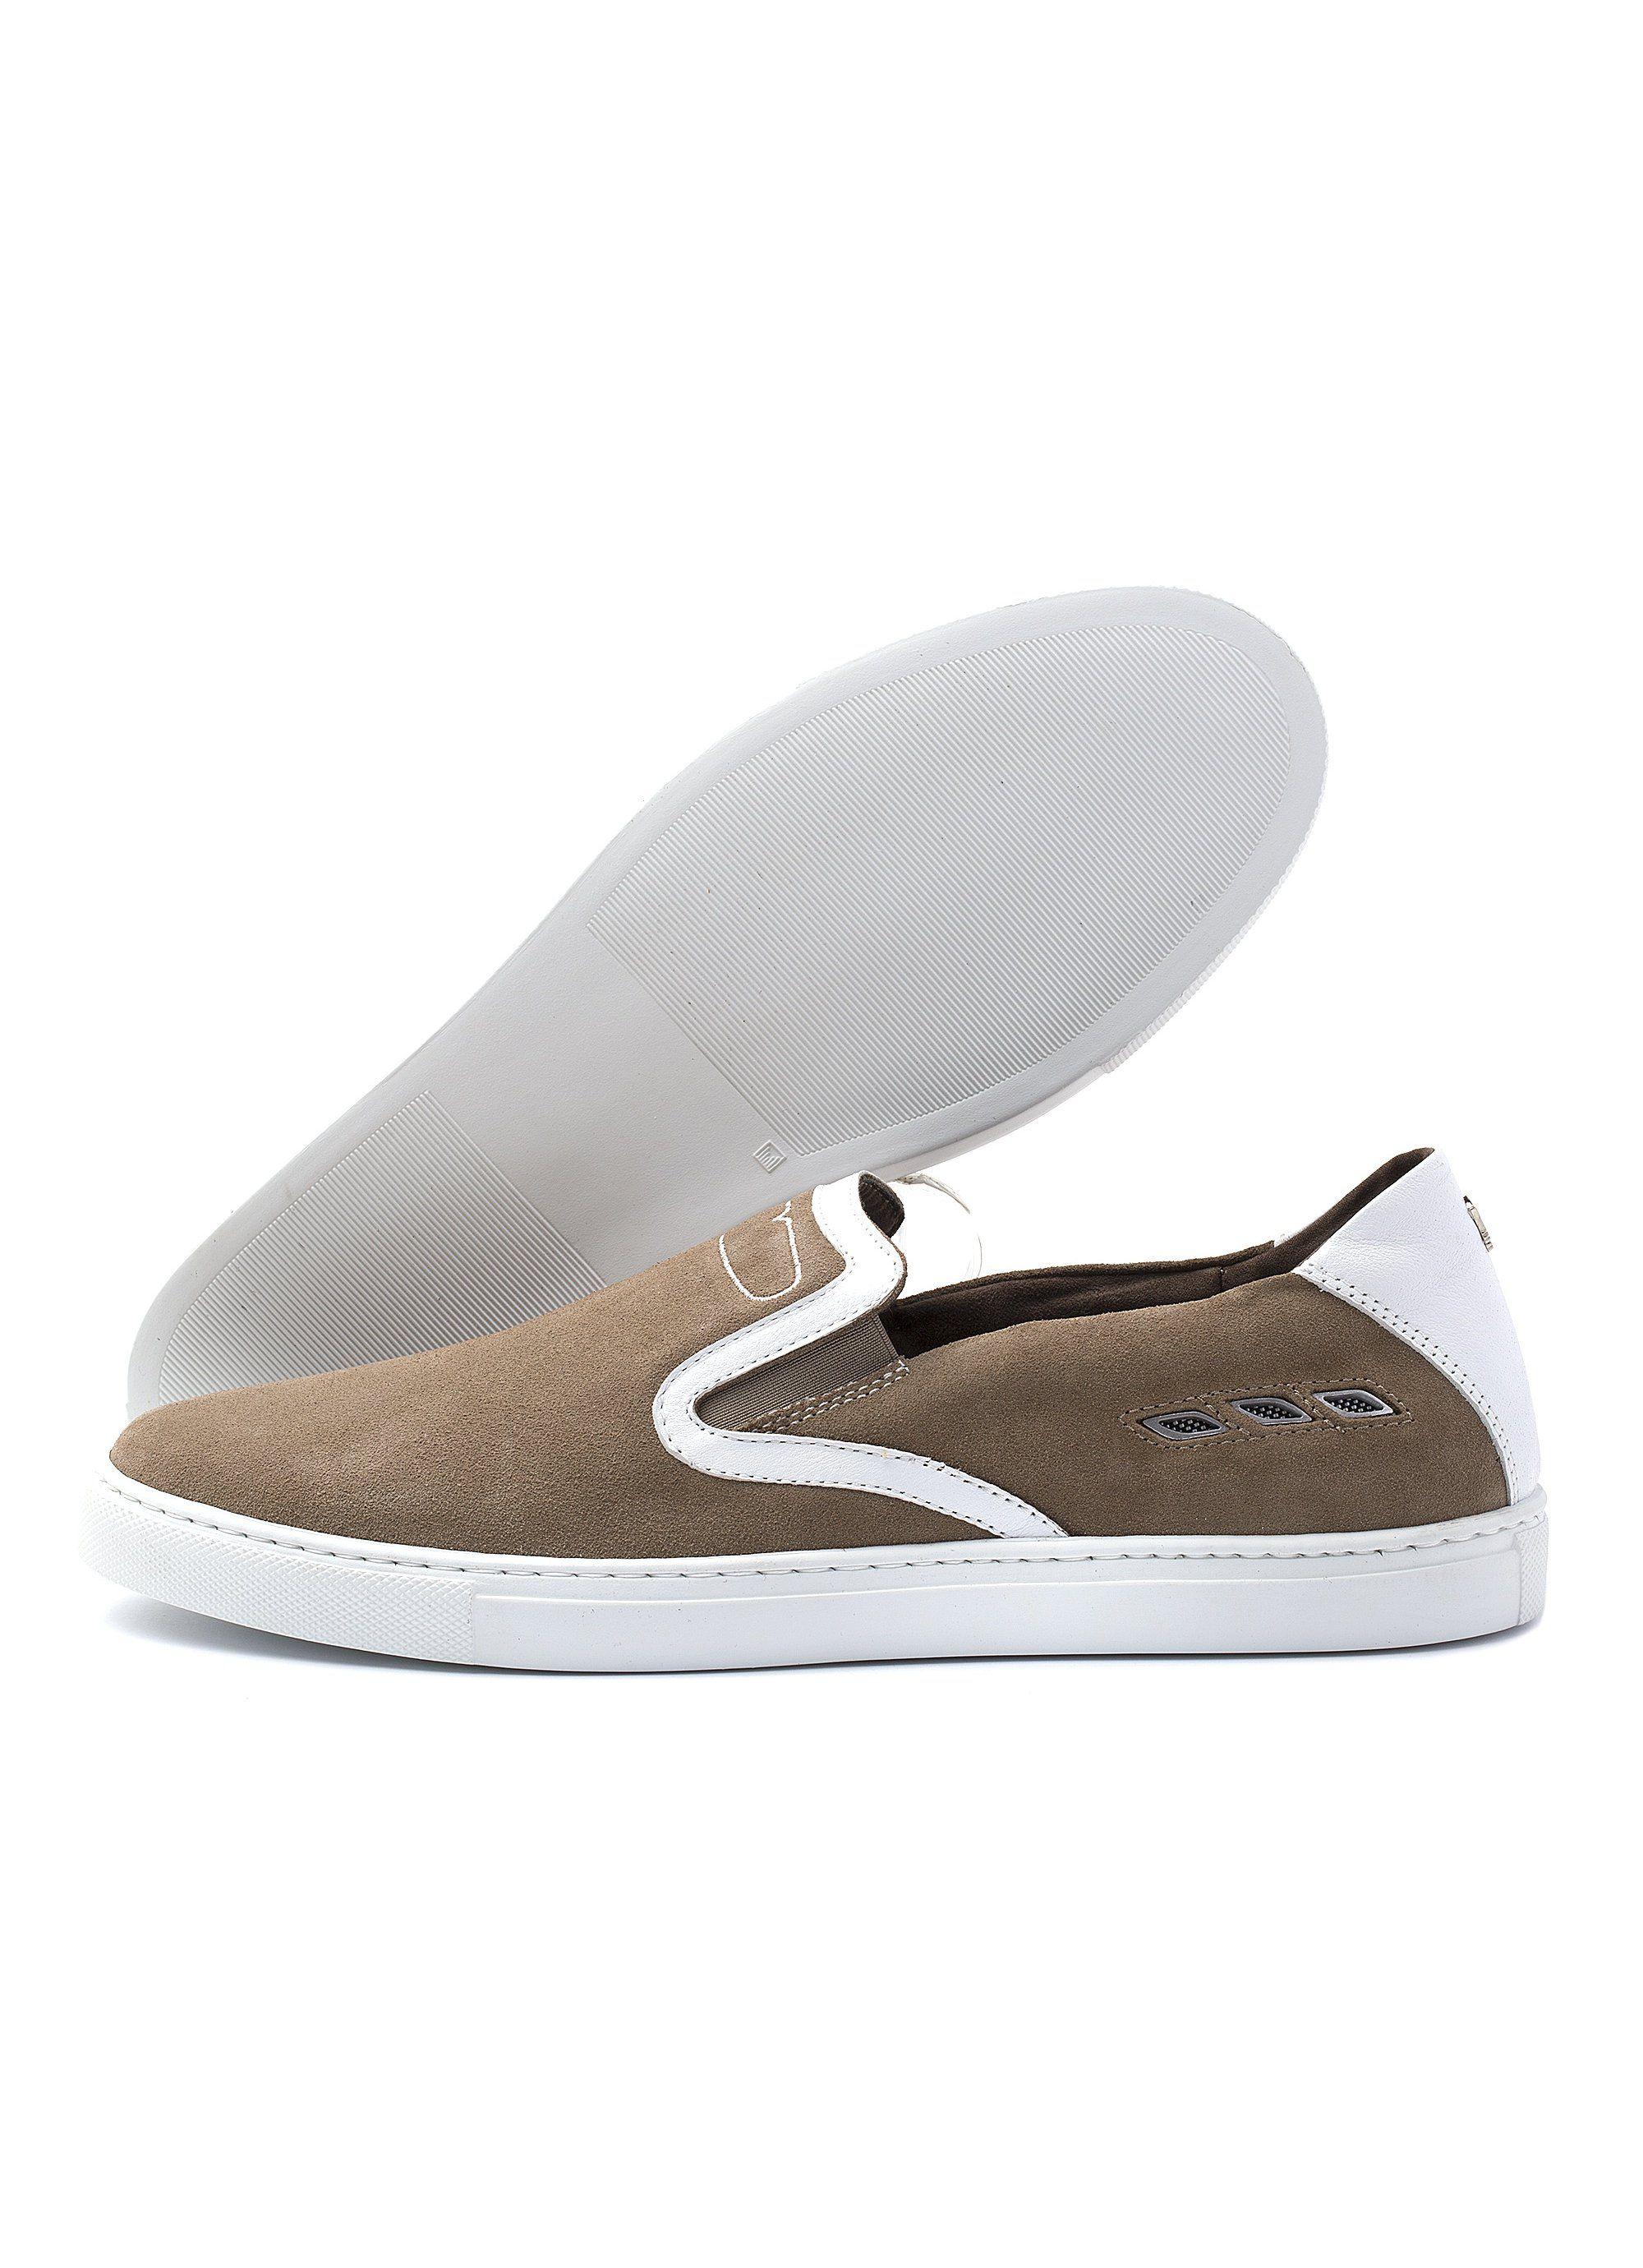 Maserati Store Zapato Portofino de mujer marrón | shoes